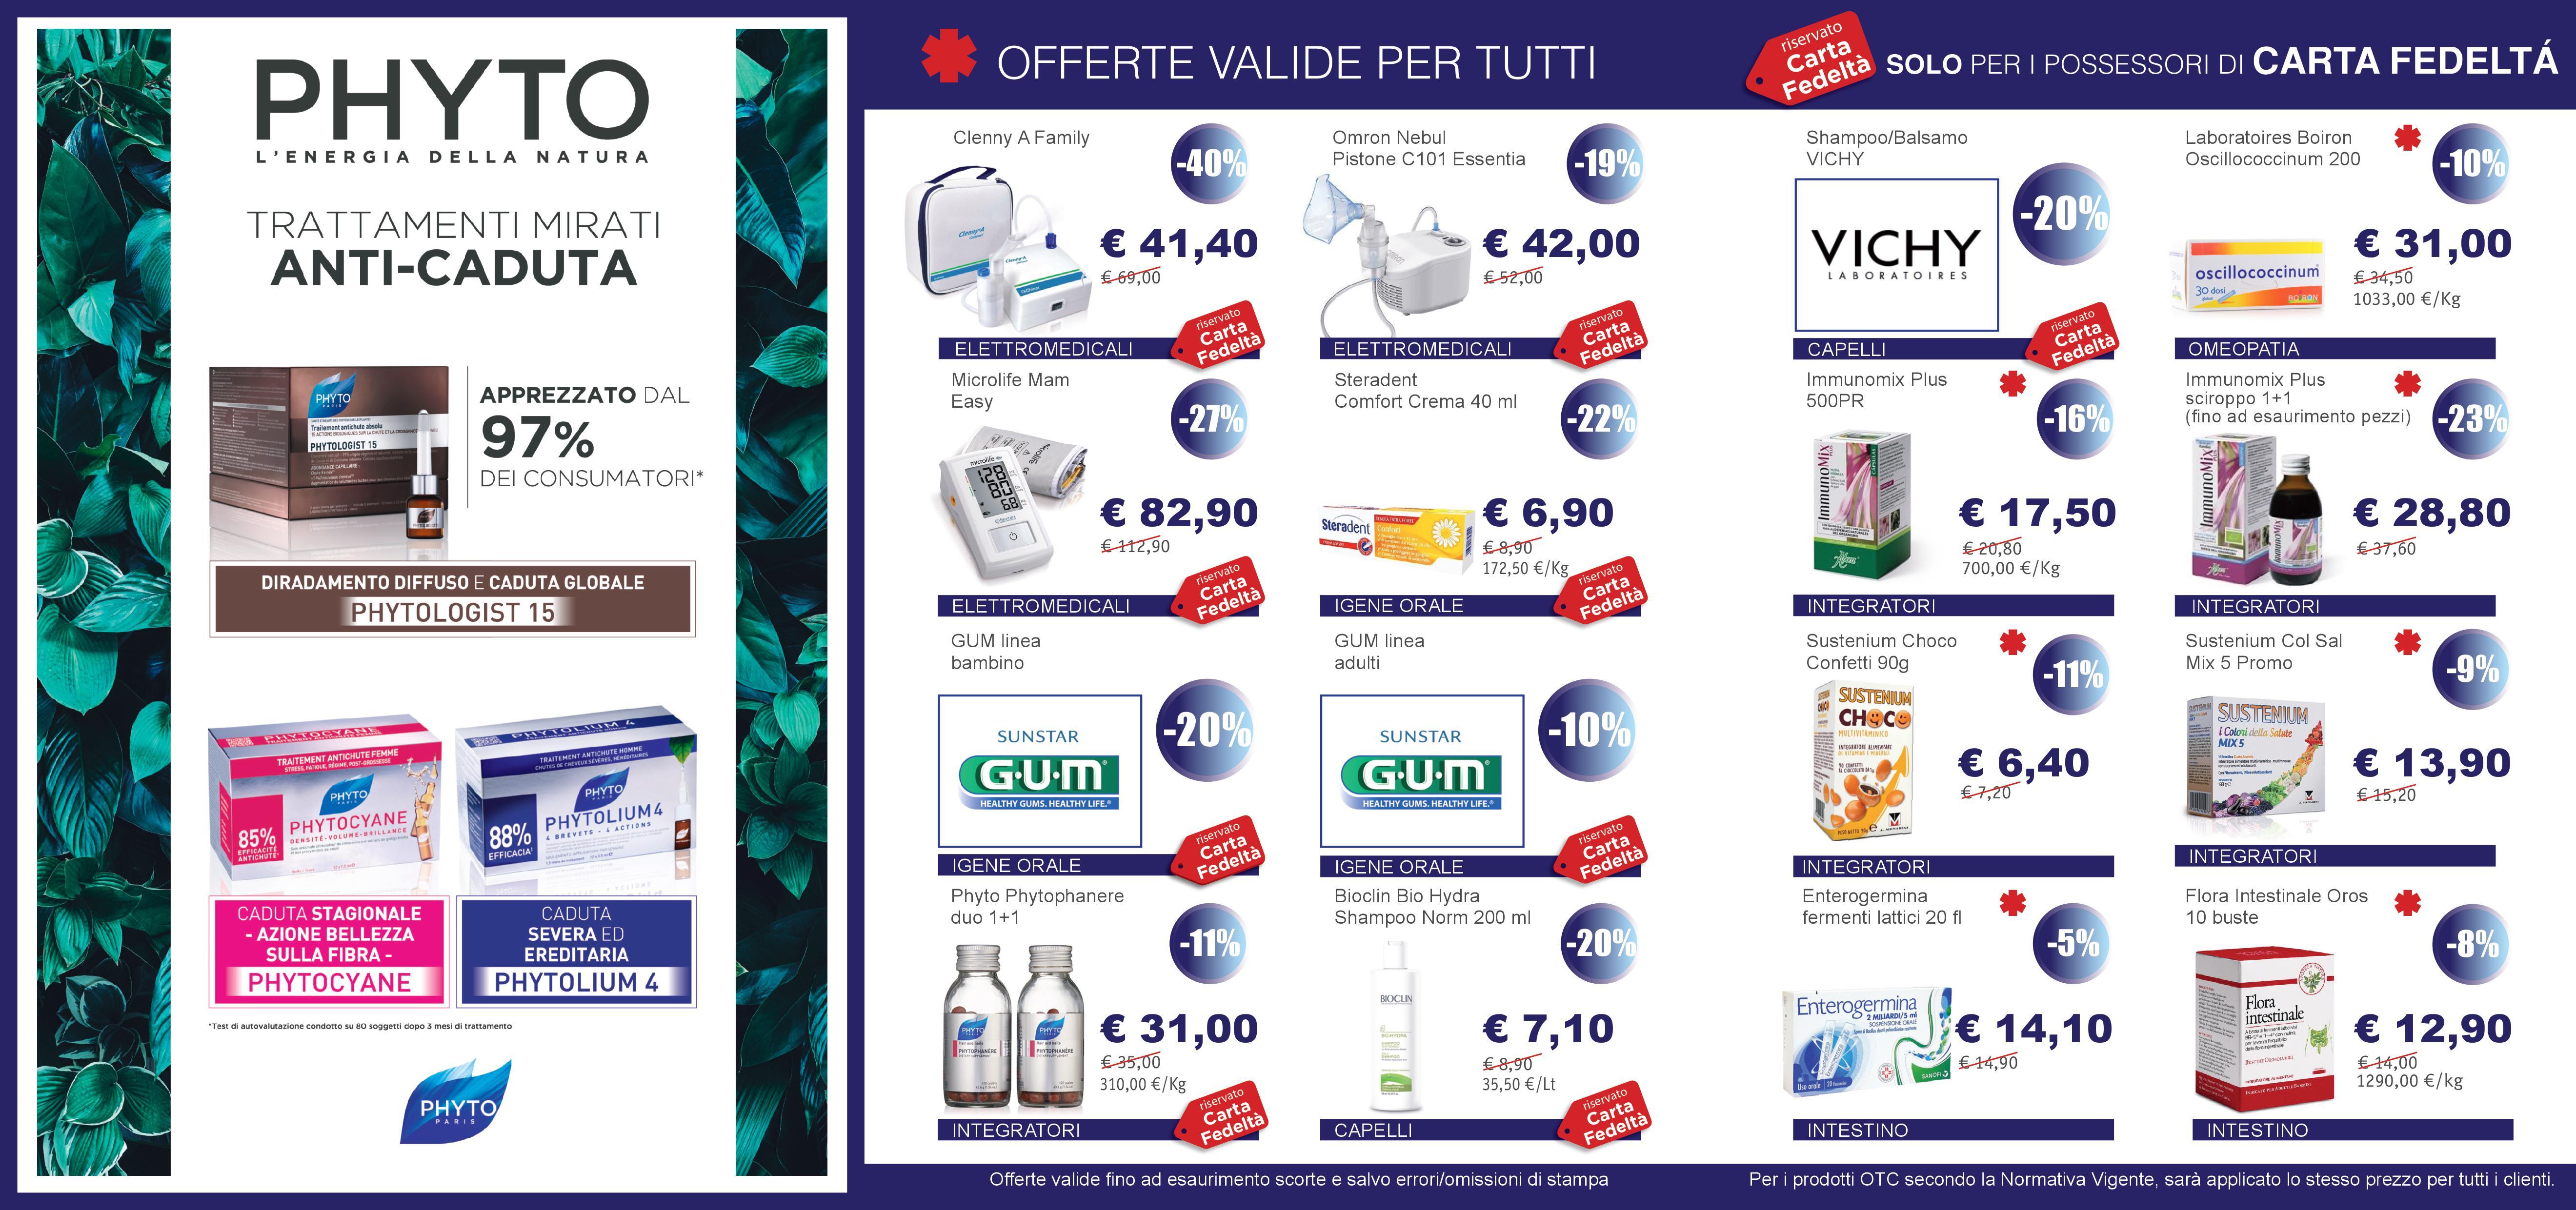 promozioni speciali e promozioni di prodotti 2018 Nuove